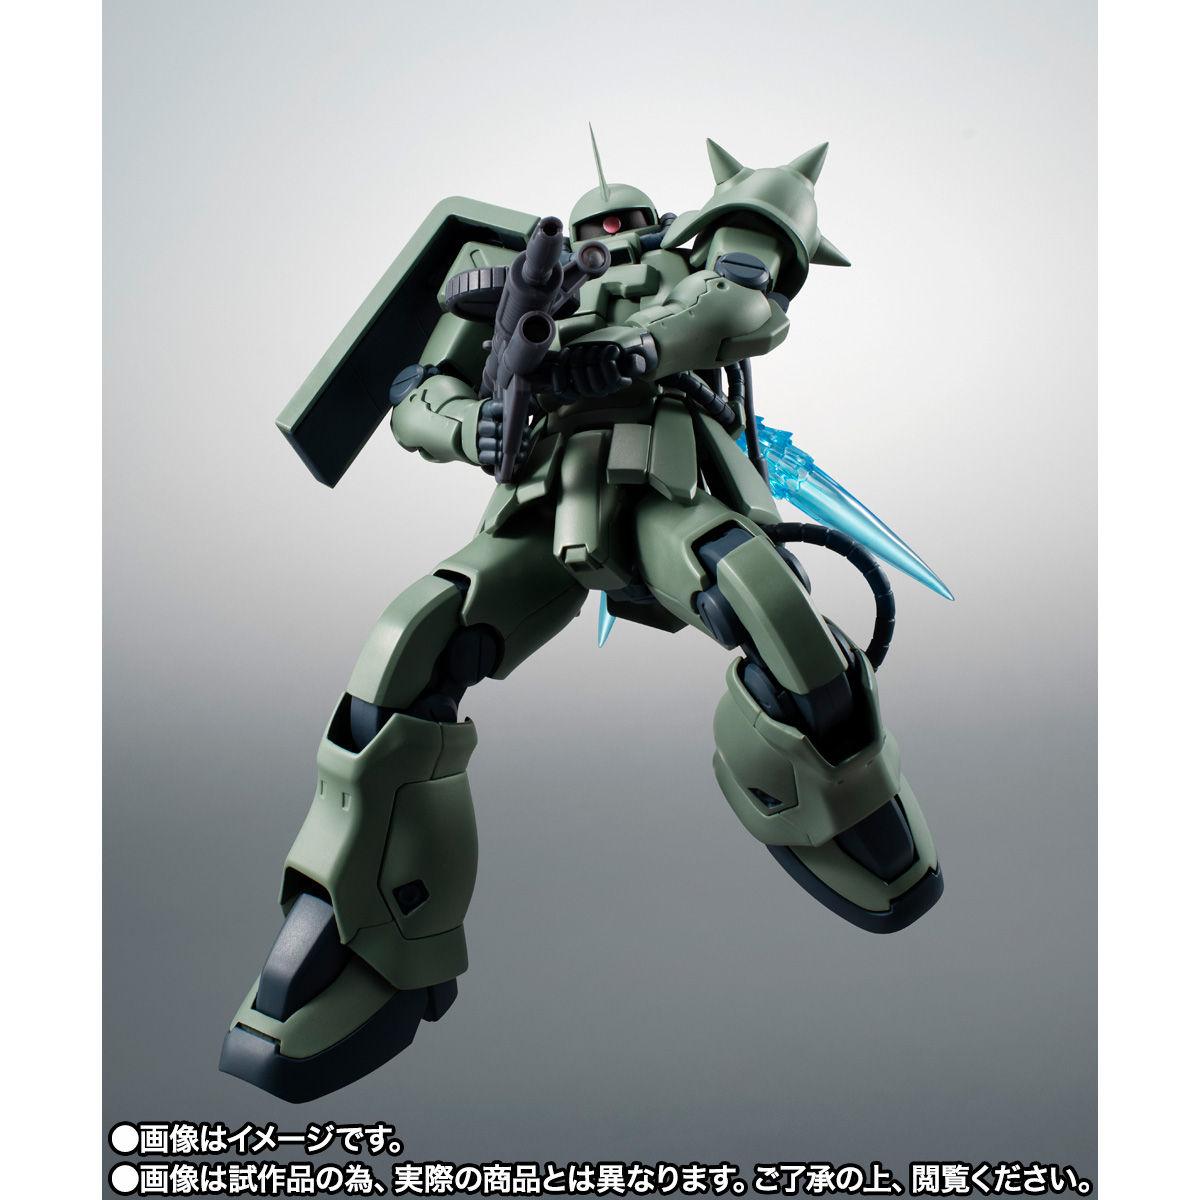 【限定販売】ROBOT魂〈SIDE MS〉『MS-06F-2 ザクII F2型(ノイエン・ビッター)ver. A.N.I.M.E.』ガンダム0083 可動フィギュア-004